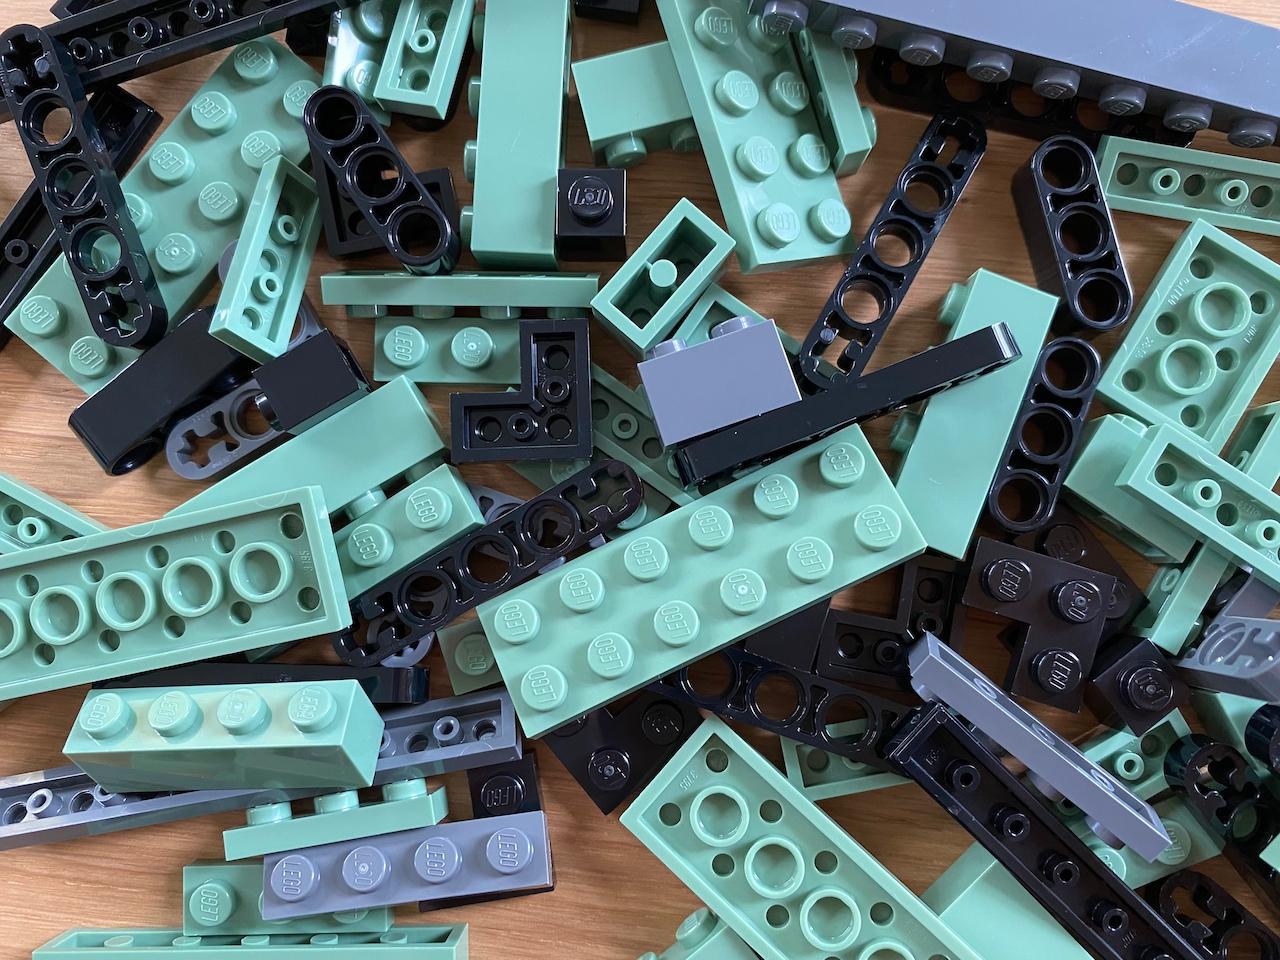 Lego closeup from typewriter kit